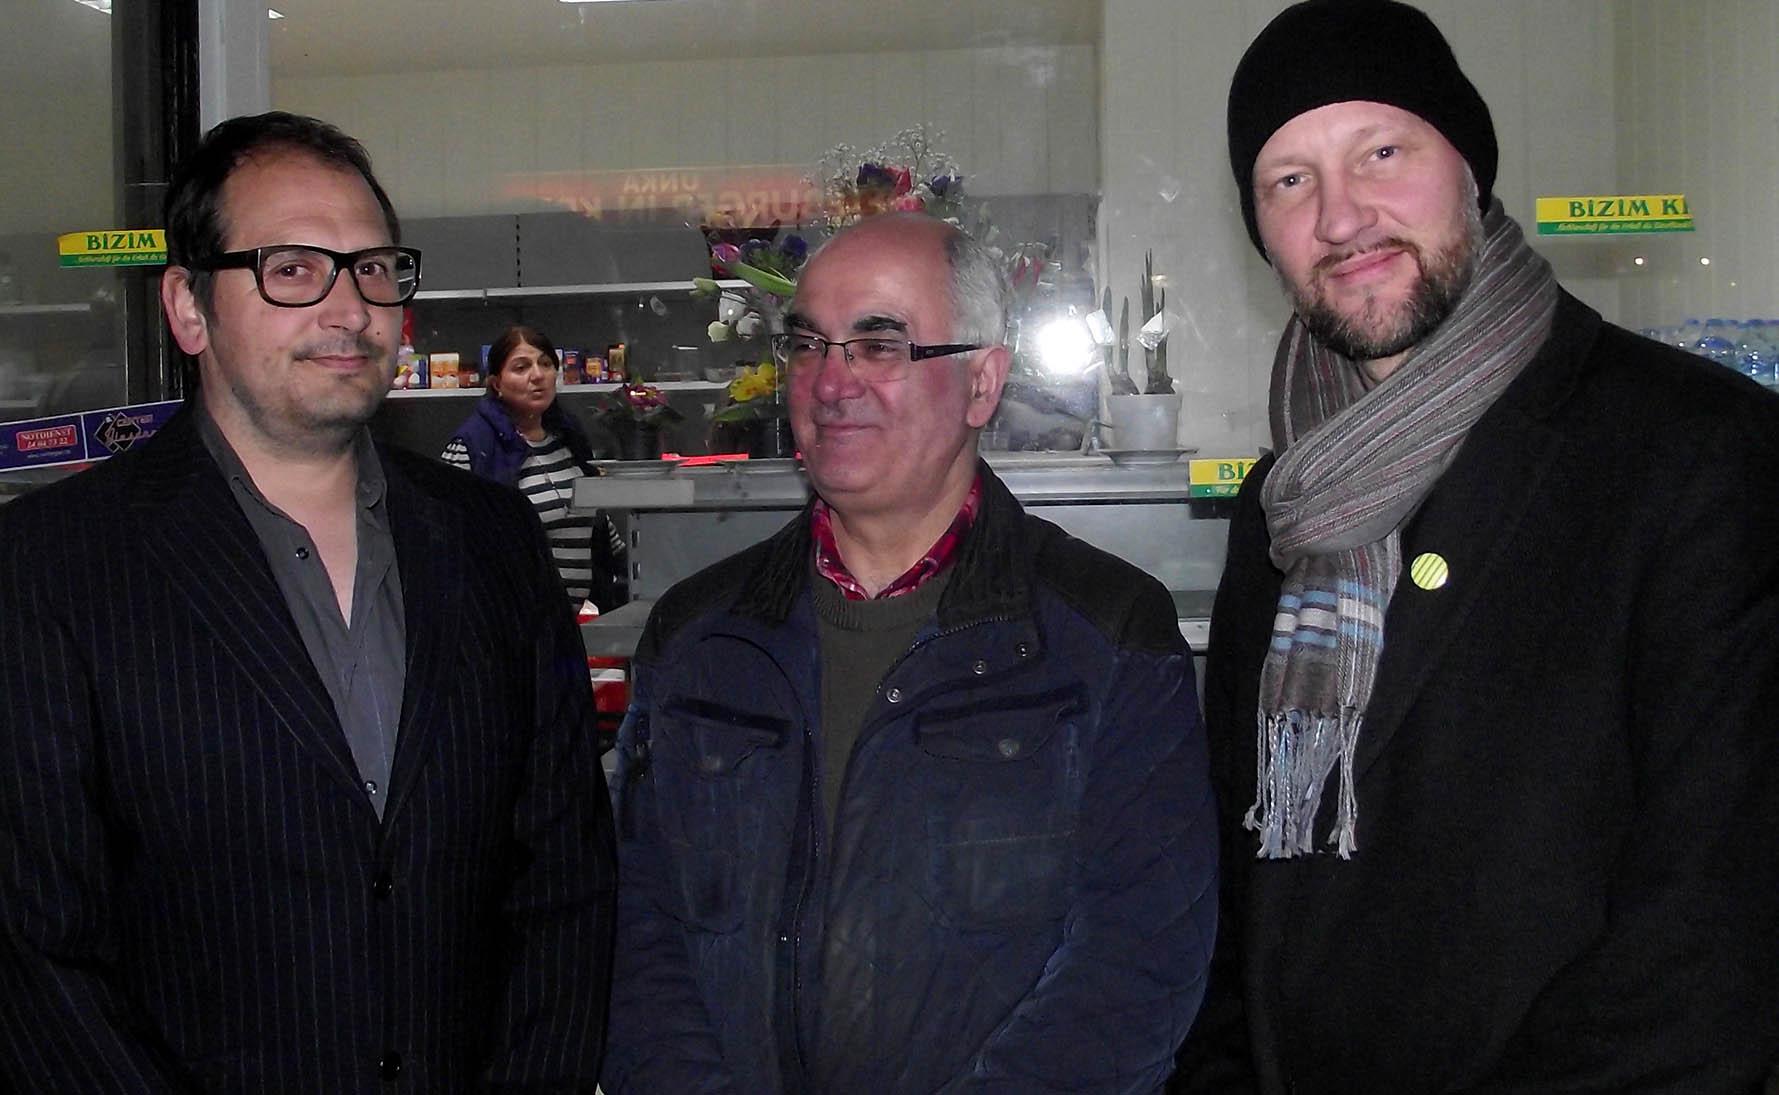 Ioannis Moraitis, Ahmet Çalışkan und ein Aktivist von der Nachbarschaftsinitiative Bizim Kiez (Magnus Hengge)